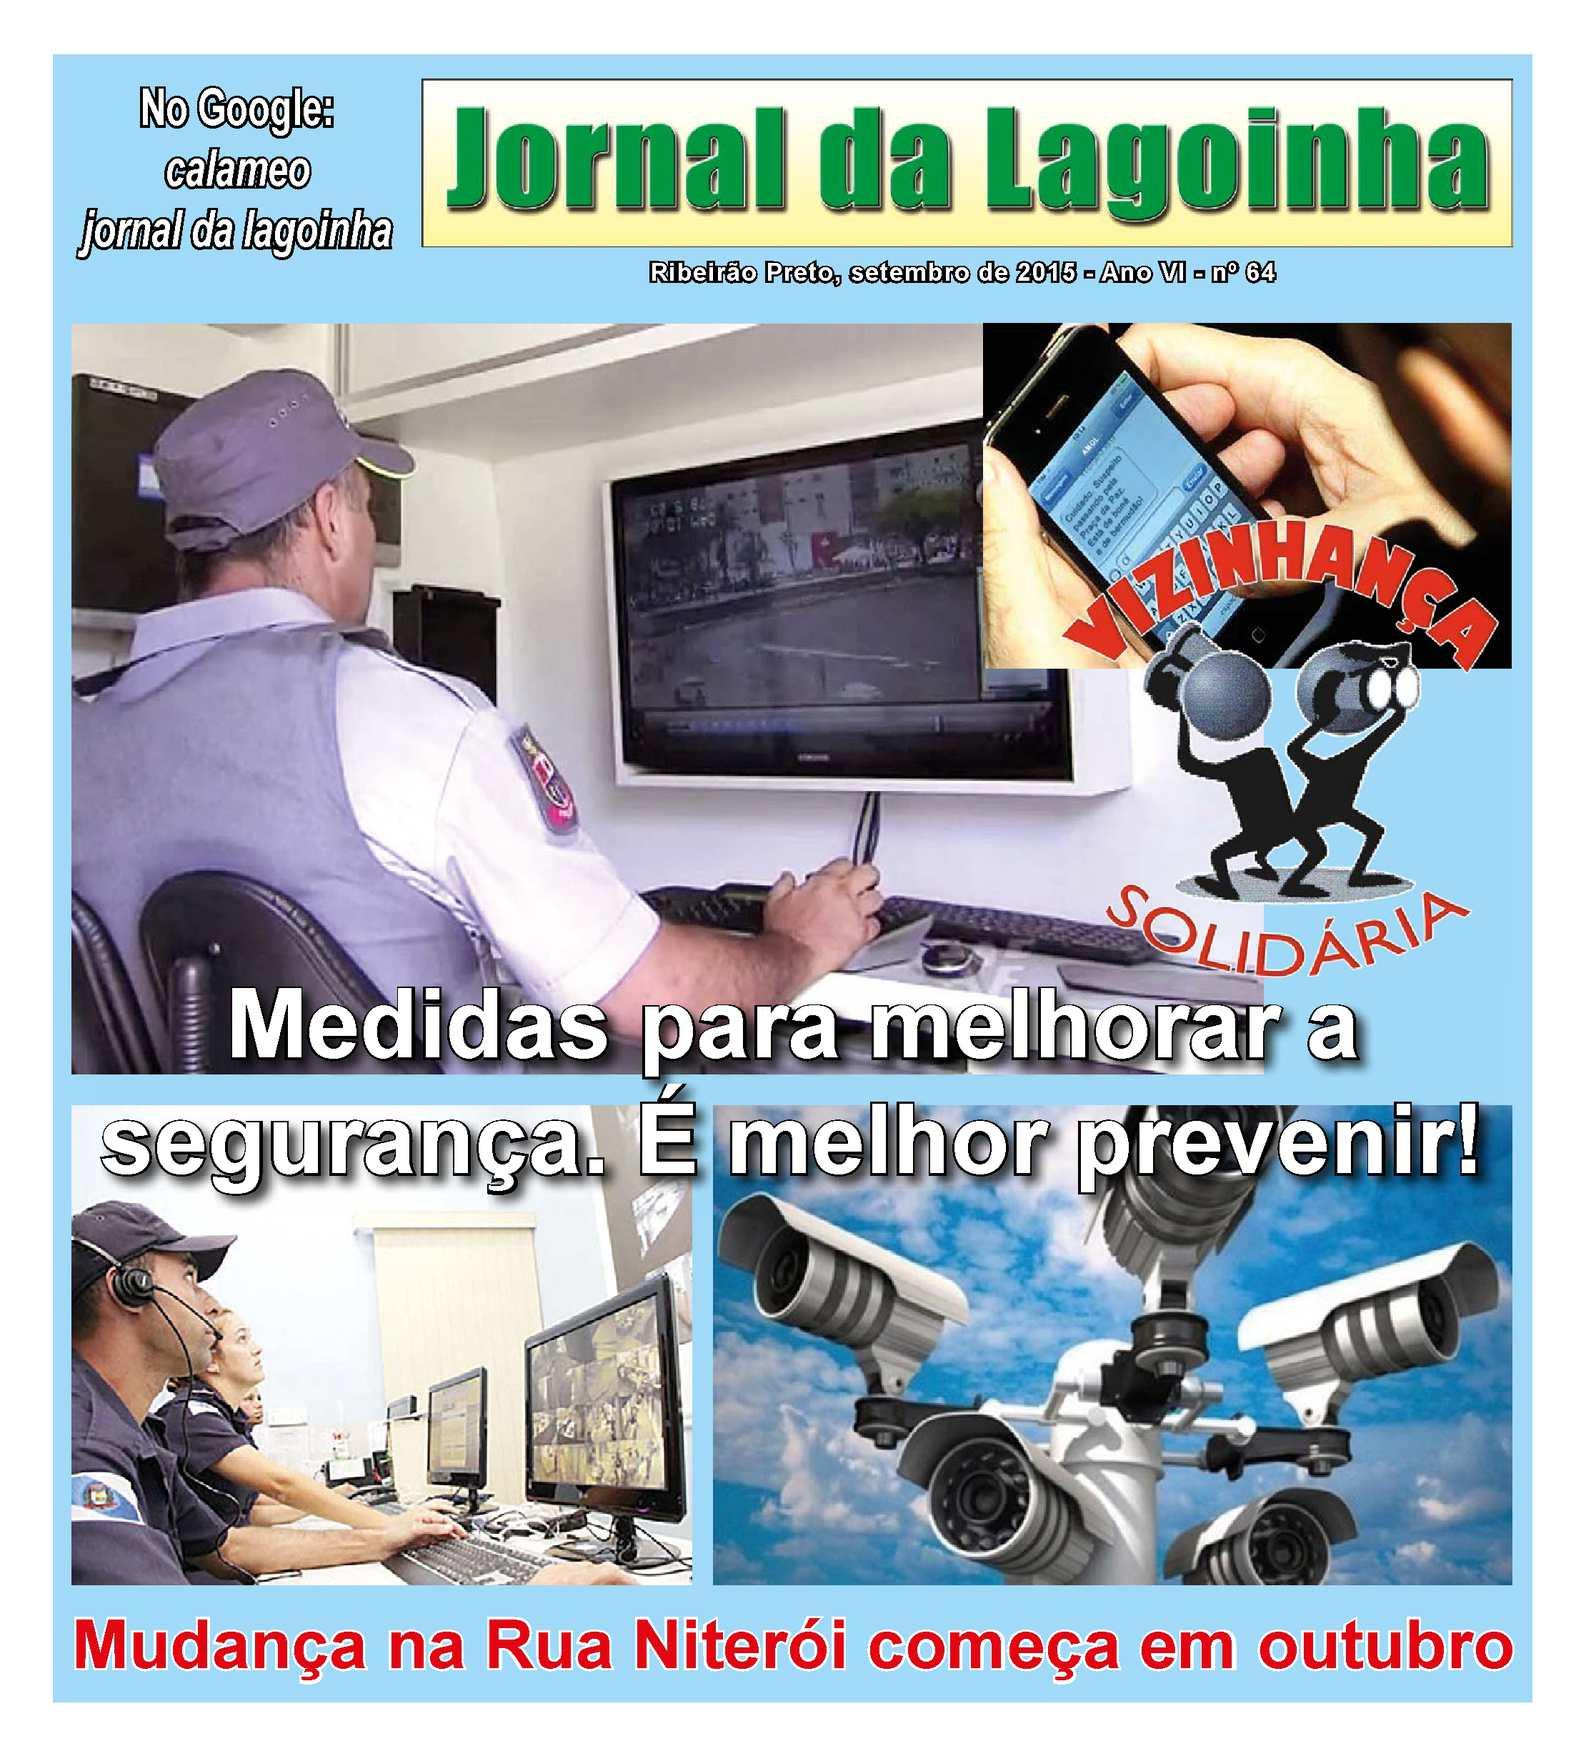 Calaméo - Jornal Da Lagoina Setembro 2015 dcb22d643b4